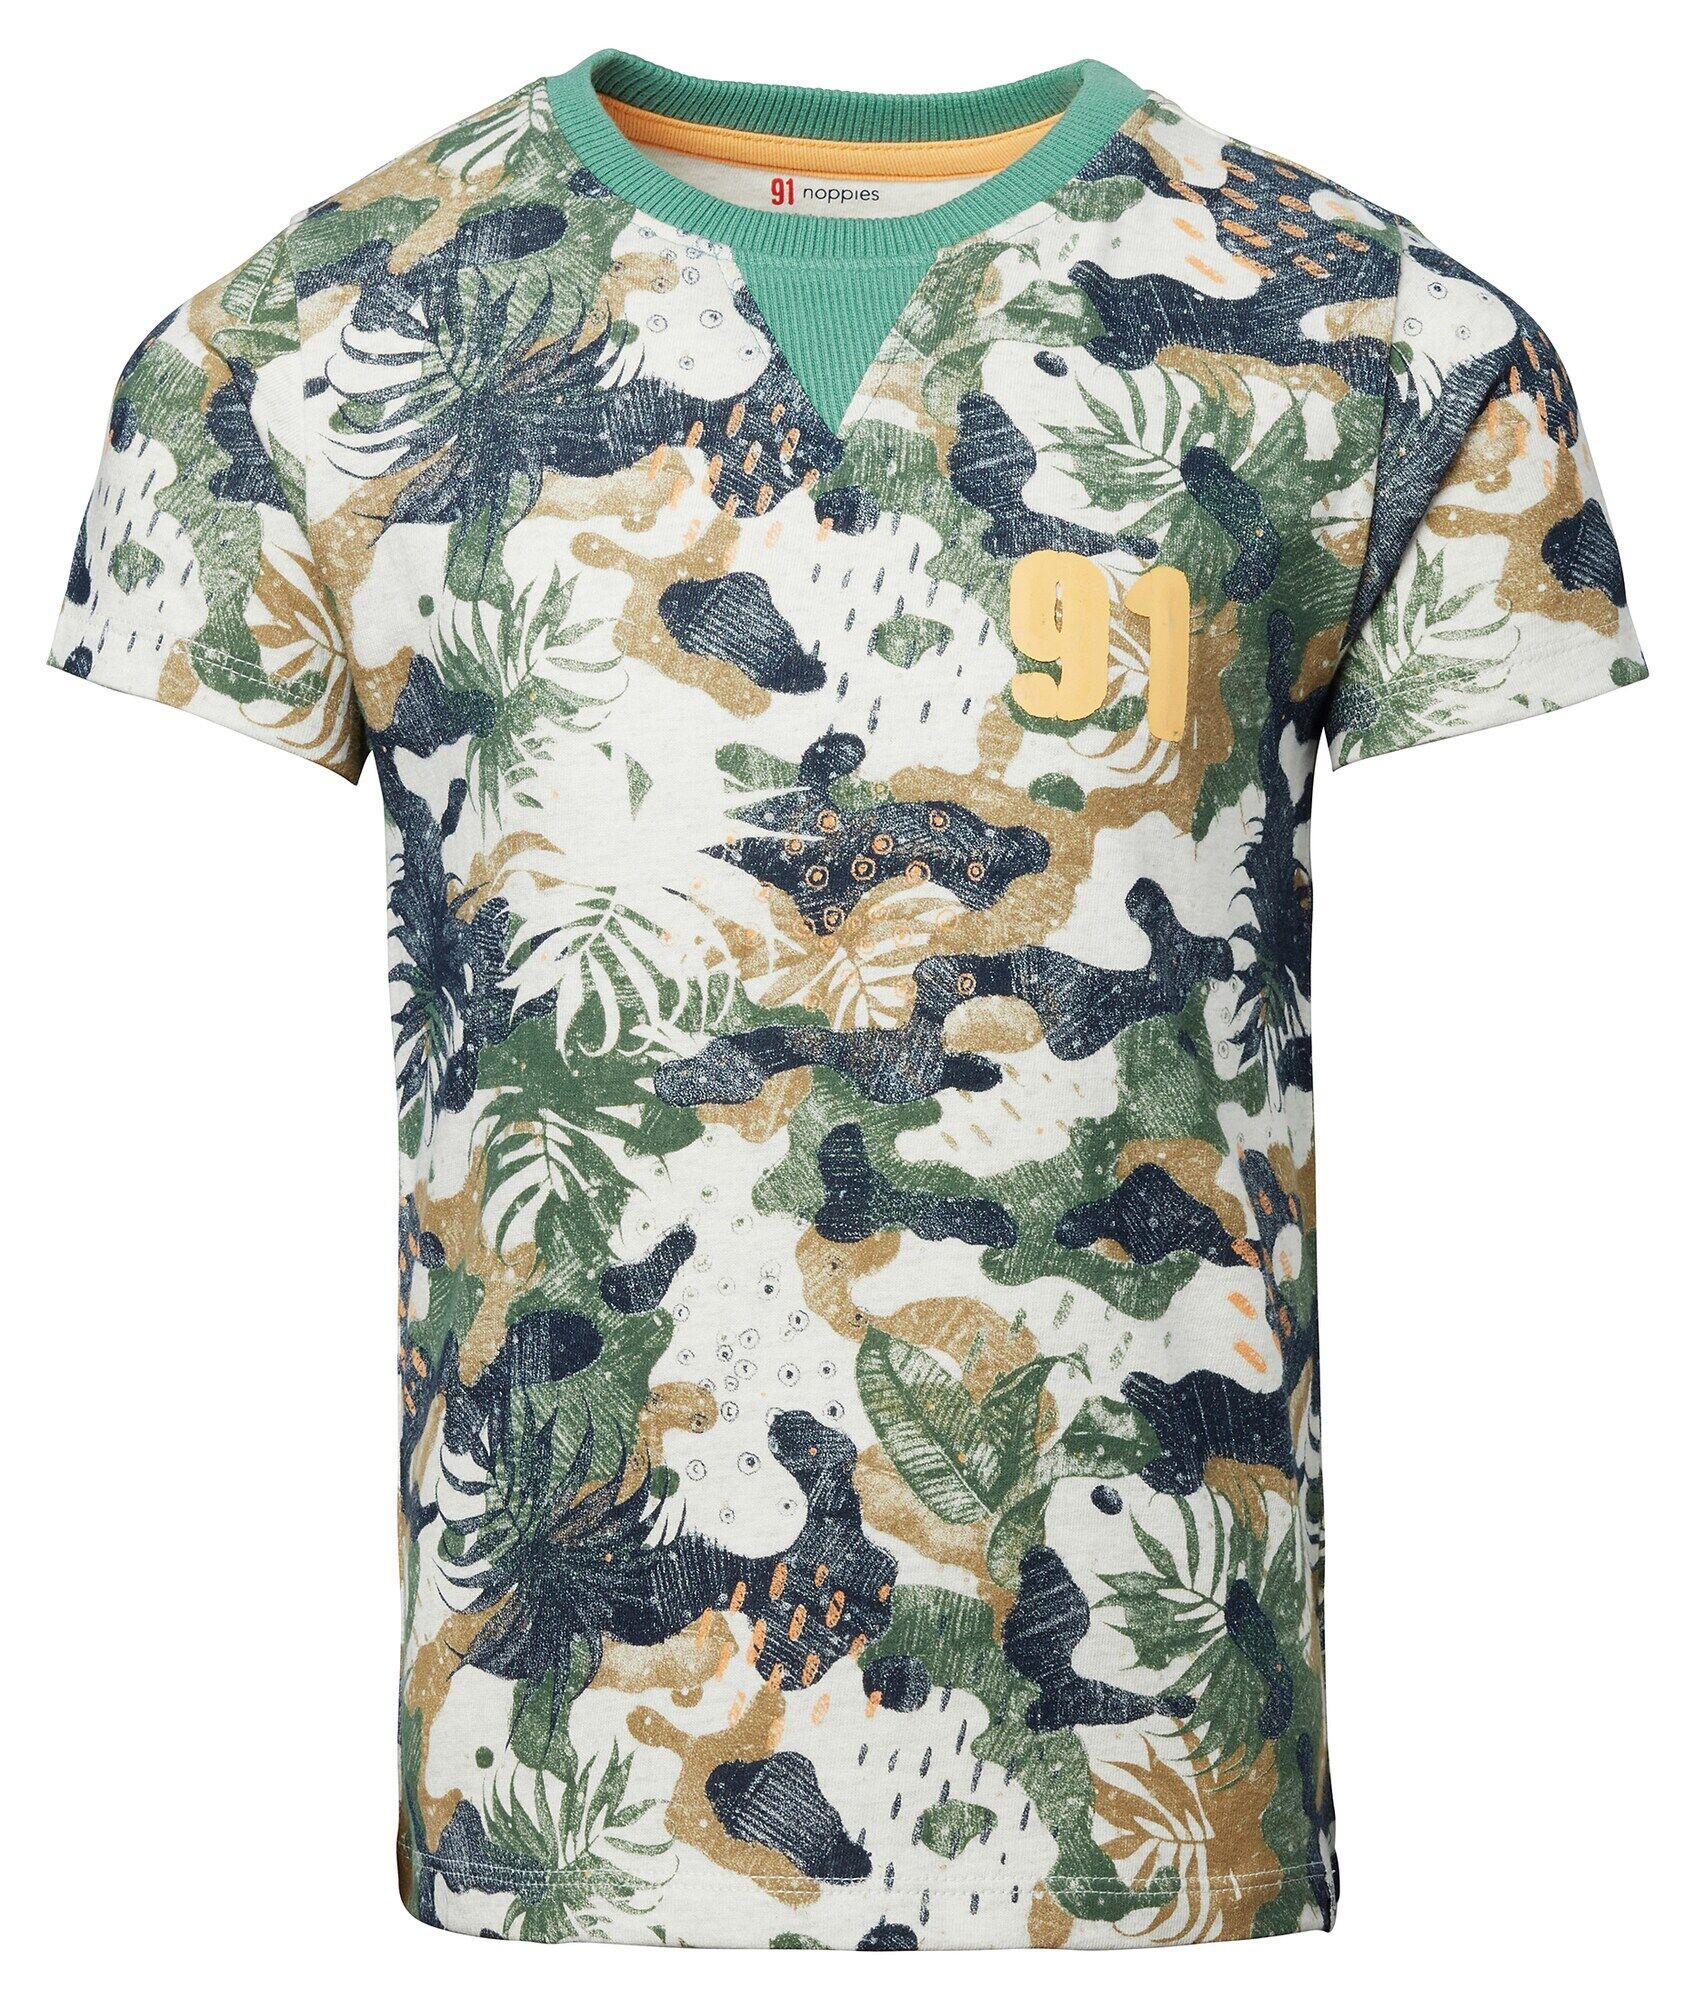 Noppies T-Shirt 'Legume'  - MéLange De Couleurs - Taille: 116 - boy